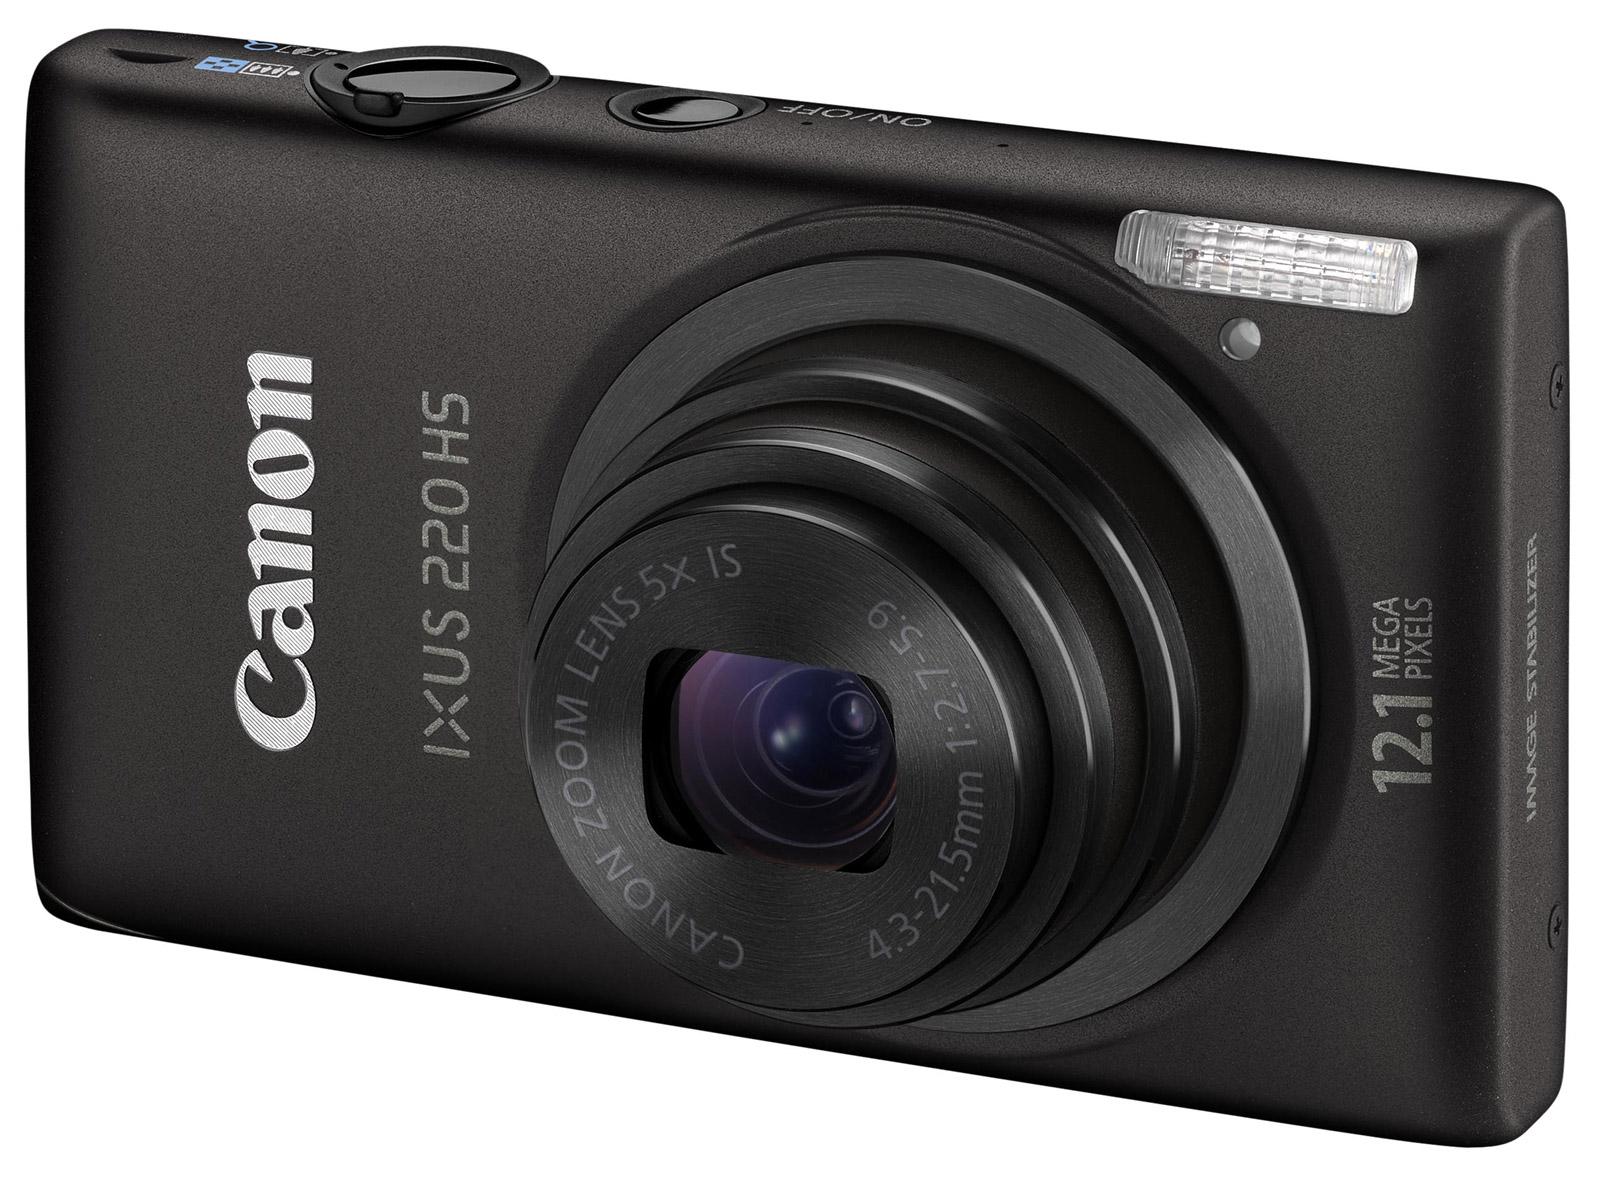 Resim canon hs220 siyah dijital fotoğraf makinesi